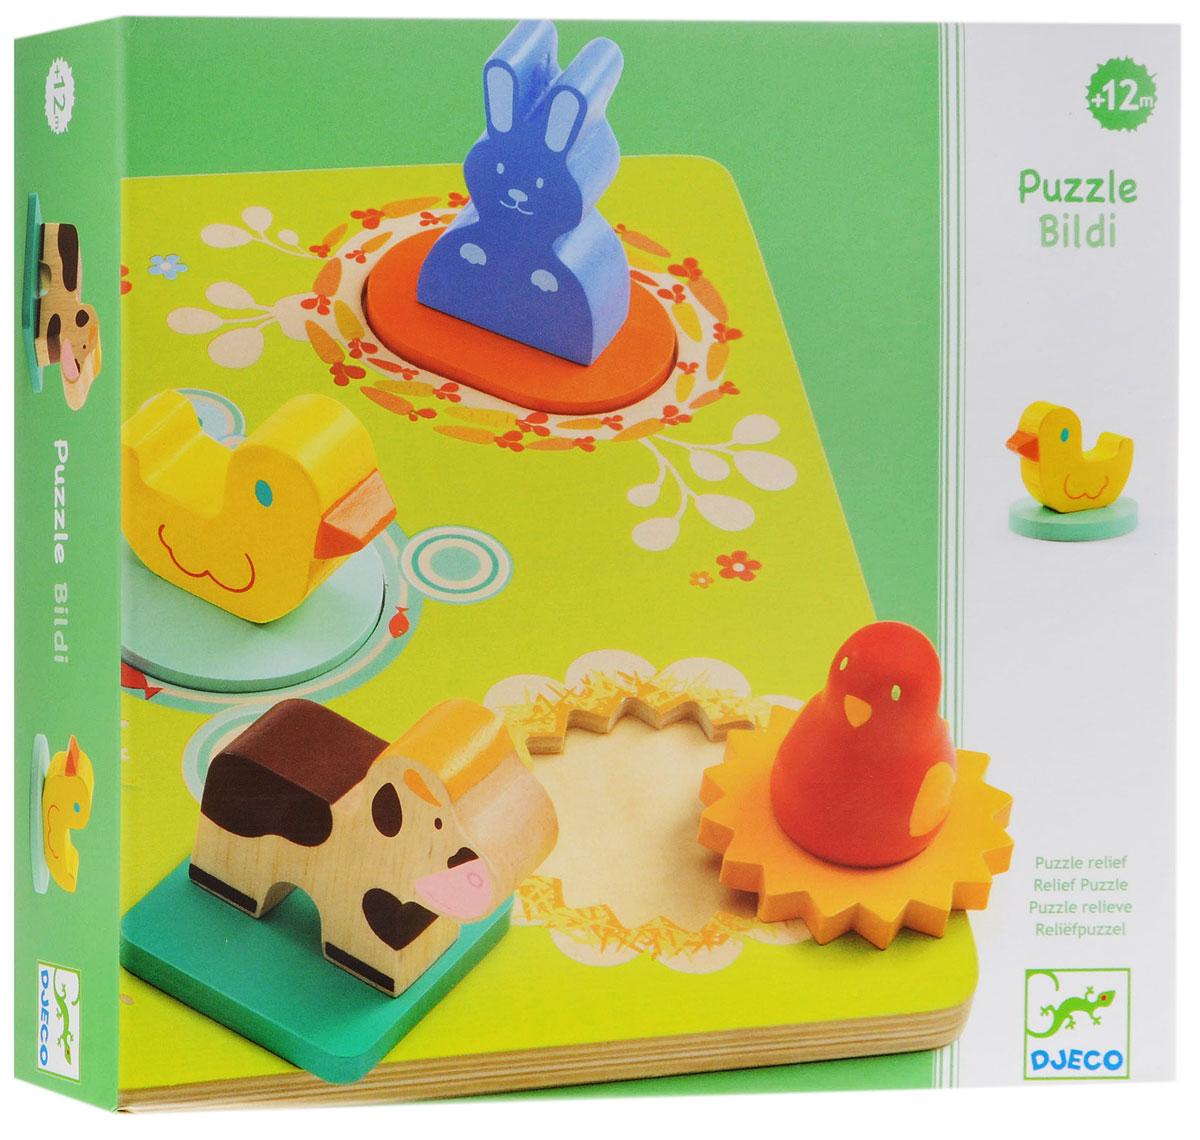 Djeco Пазл для малышей Утка и друзья01030Пазл для малышей Djeco Утка и друзья - это сортировка, классическая первая игра для самых маленьких. Прекрасная игрушка для вашего ребенка. Пазл способствует развитию координации движения, тактильных ощущений, логического мышления и мелкой моторики. Развивающая игрушка помогает ребенку узнать цвета, форму, учит его отличать животных. Игрушка изготовлена из безопасных, экологически чистых материалов.